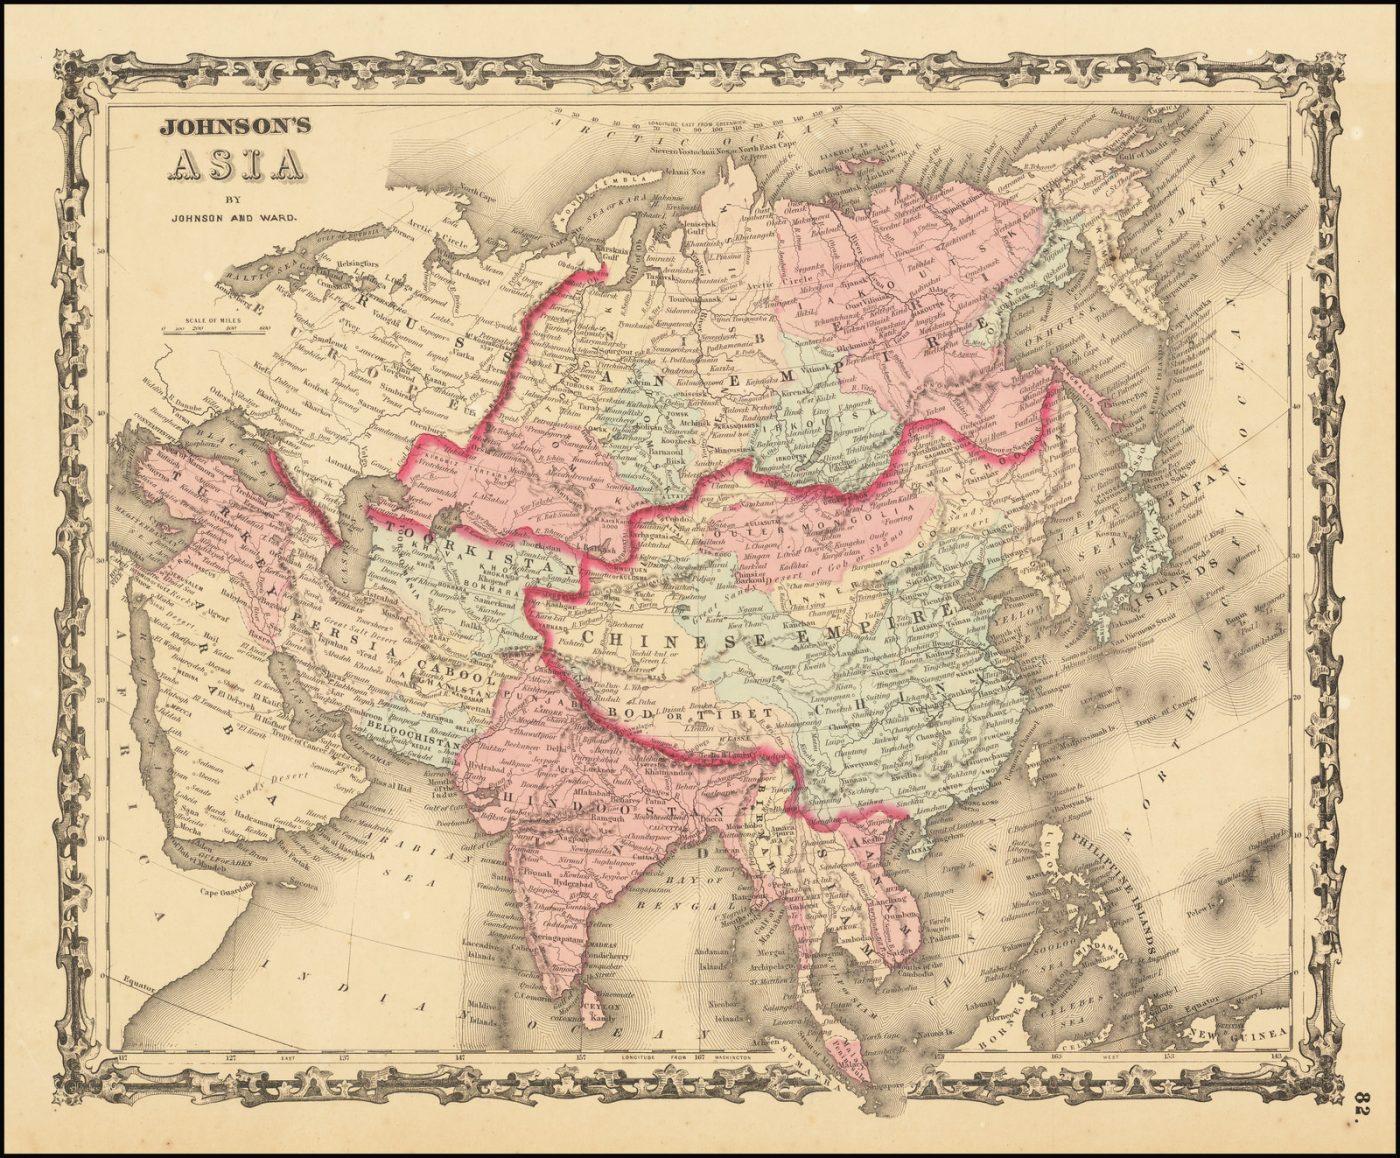 Старинная карта Азиатского континента Элвина Джуэтта Джонсона, раскрашенная вручную по странам и провинциям